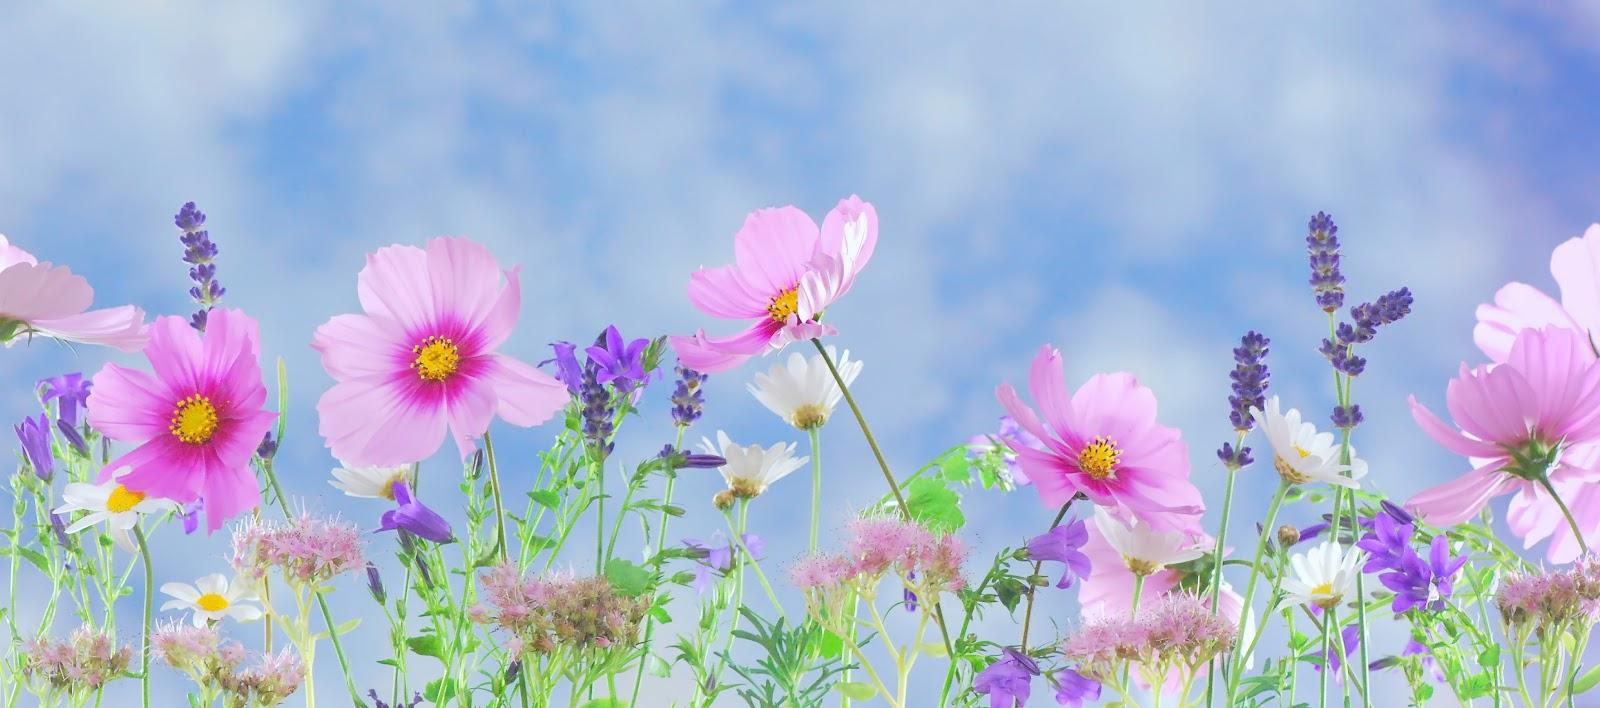 ピンクの野生の花